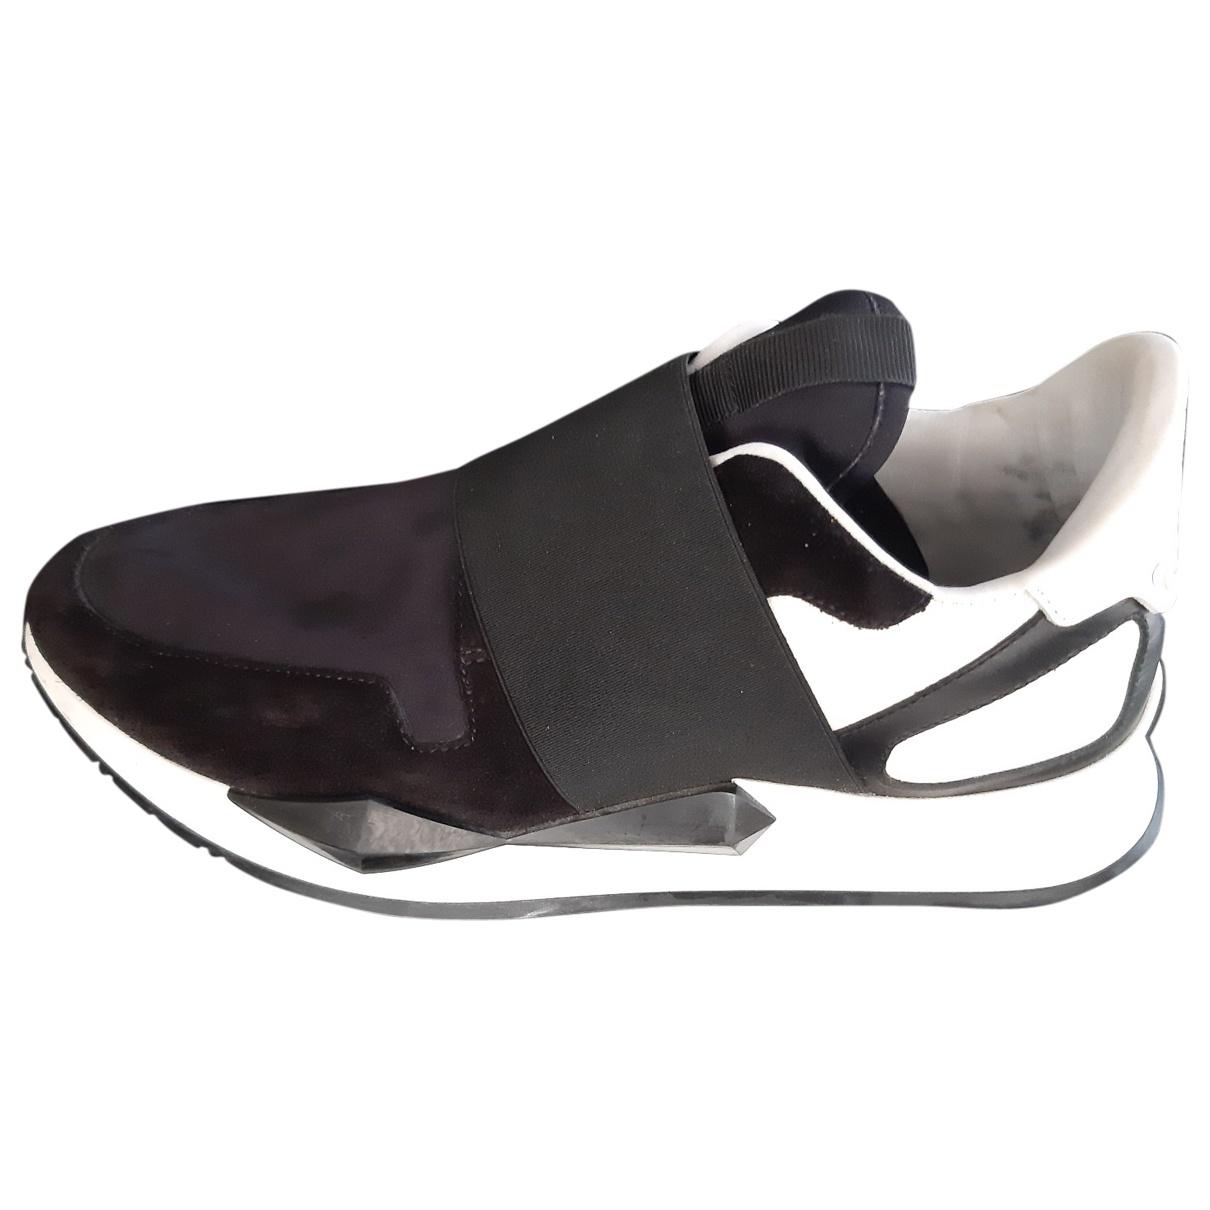 Givenchy - Baskets   pour femme en toile - noir